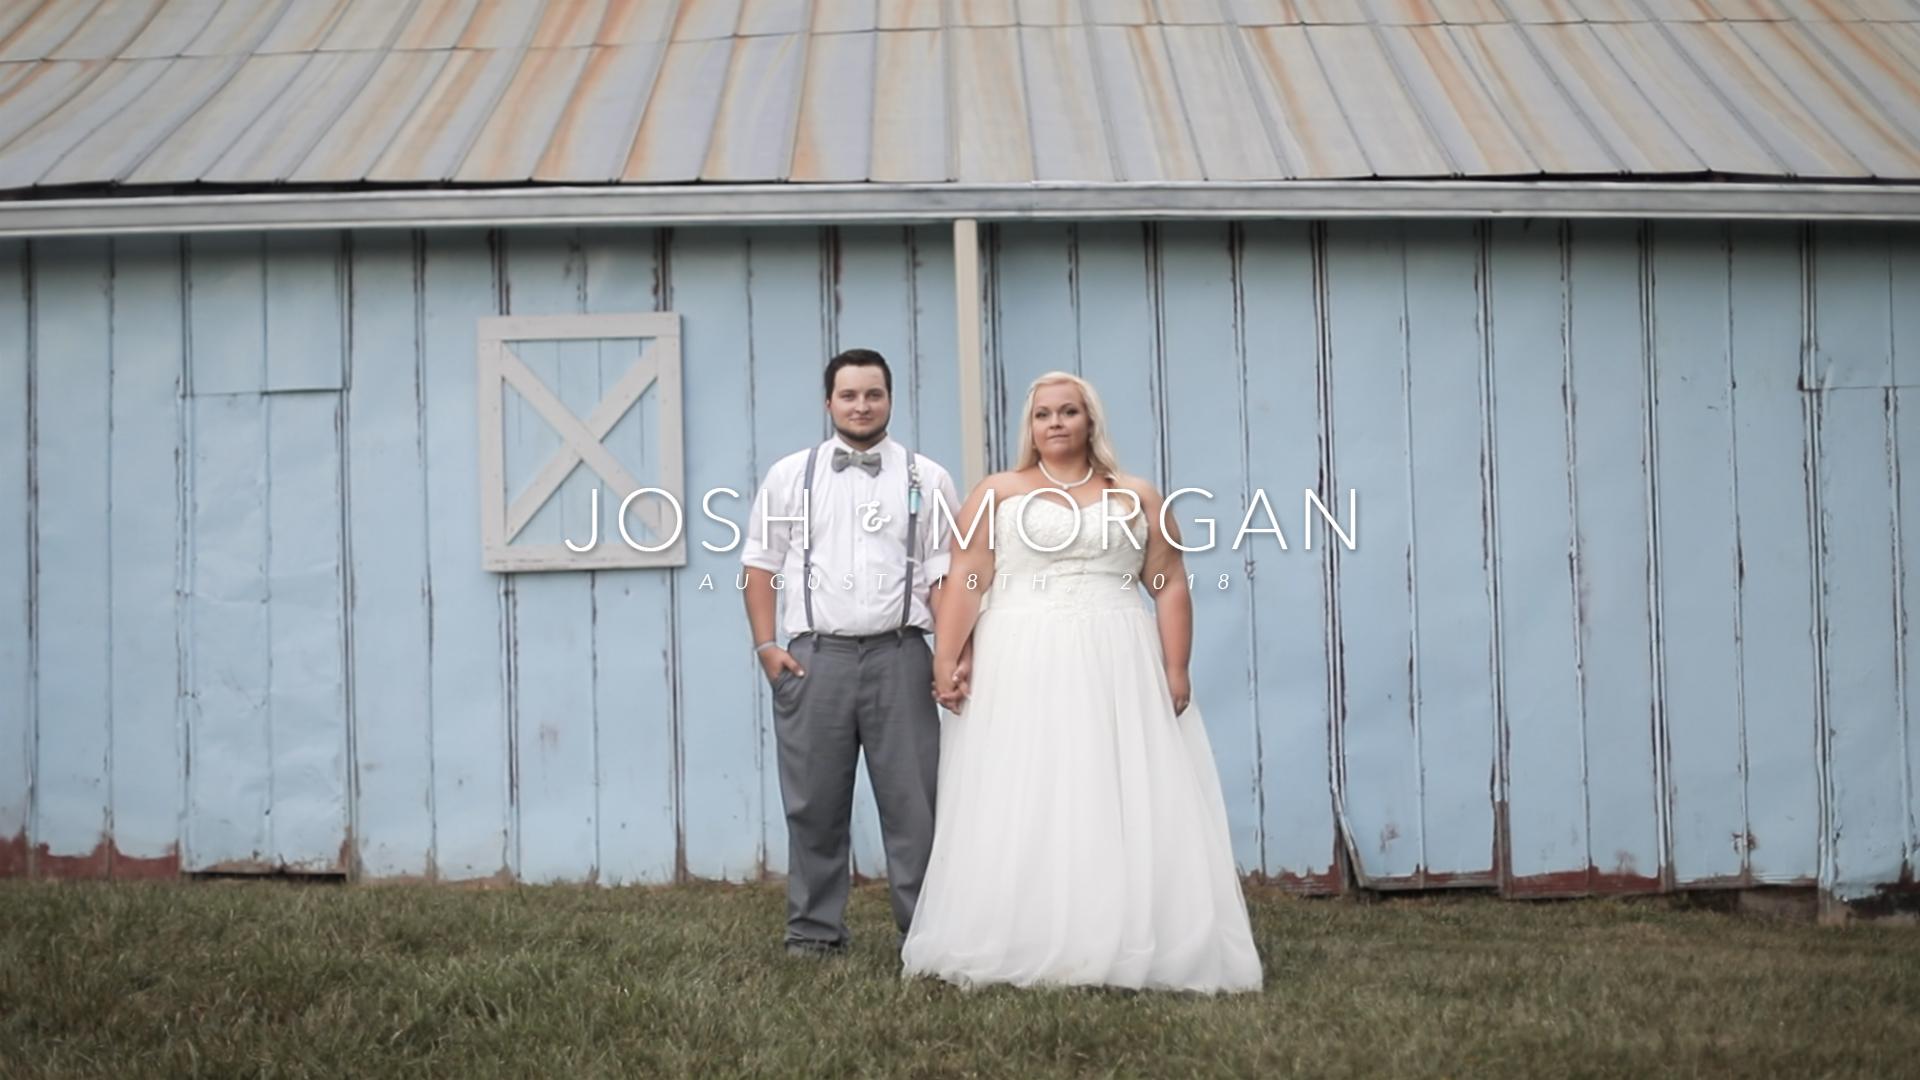 Josh + Morgan | Columbia, Tennessee | The Blue Barn Venue